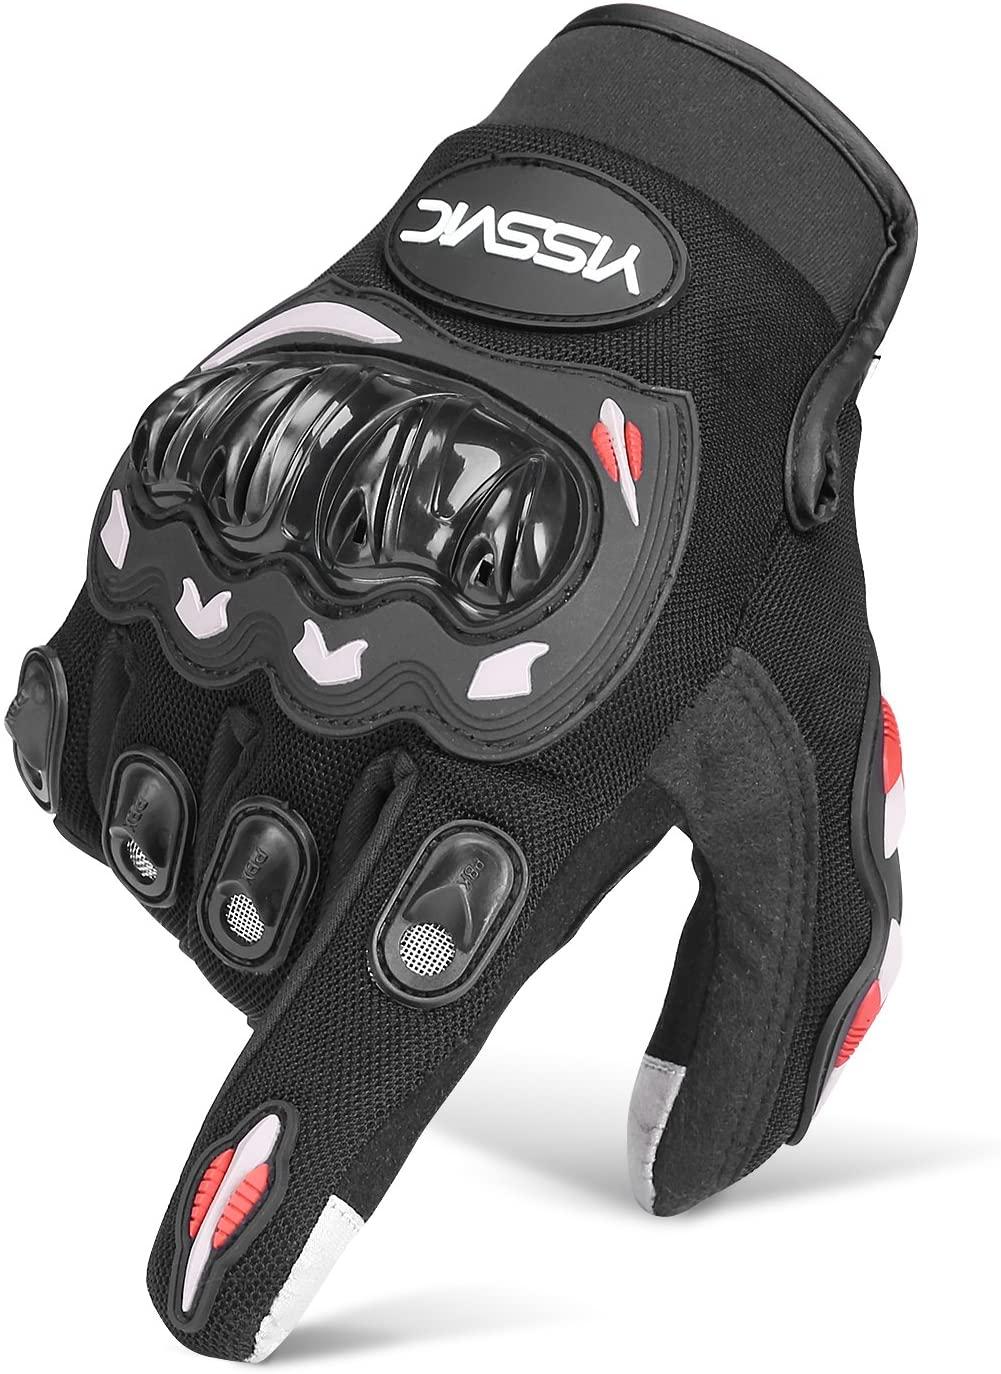 Yissvic Guanti da Moto Guanti Moto Marchio CE 1KP Touchscreen Antiscivolo con Fori Traspiranti Uomo